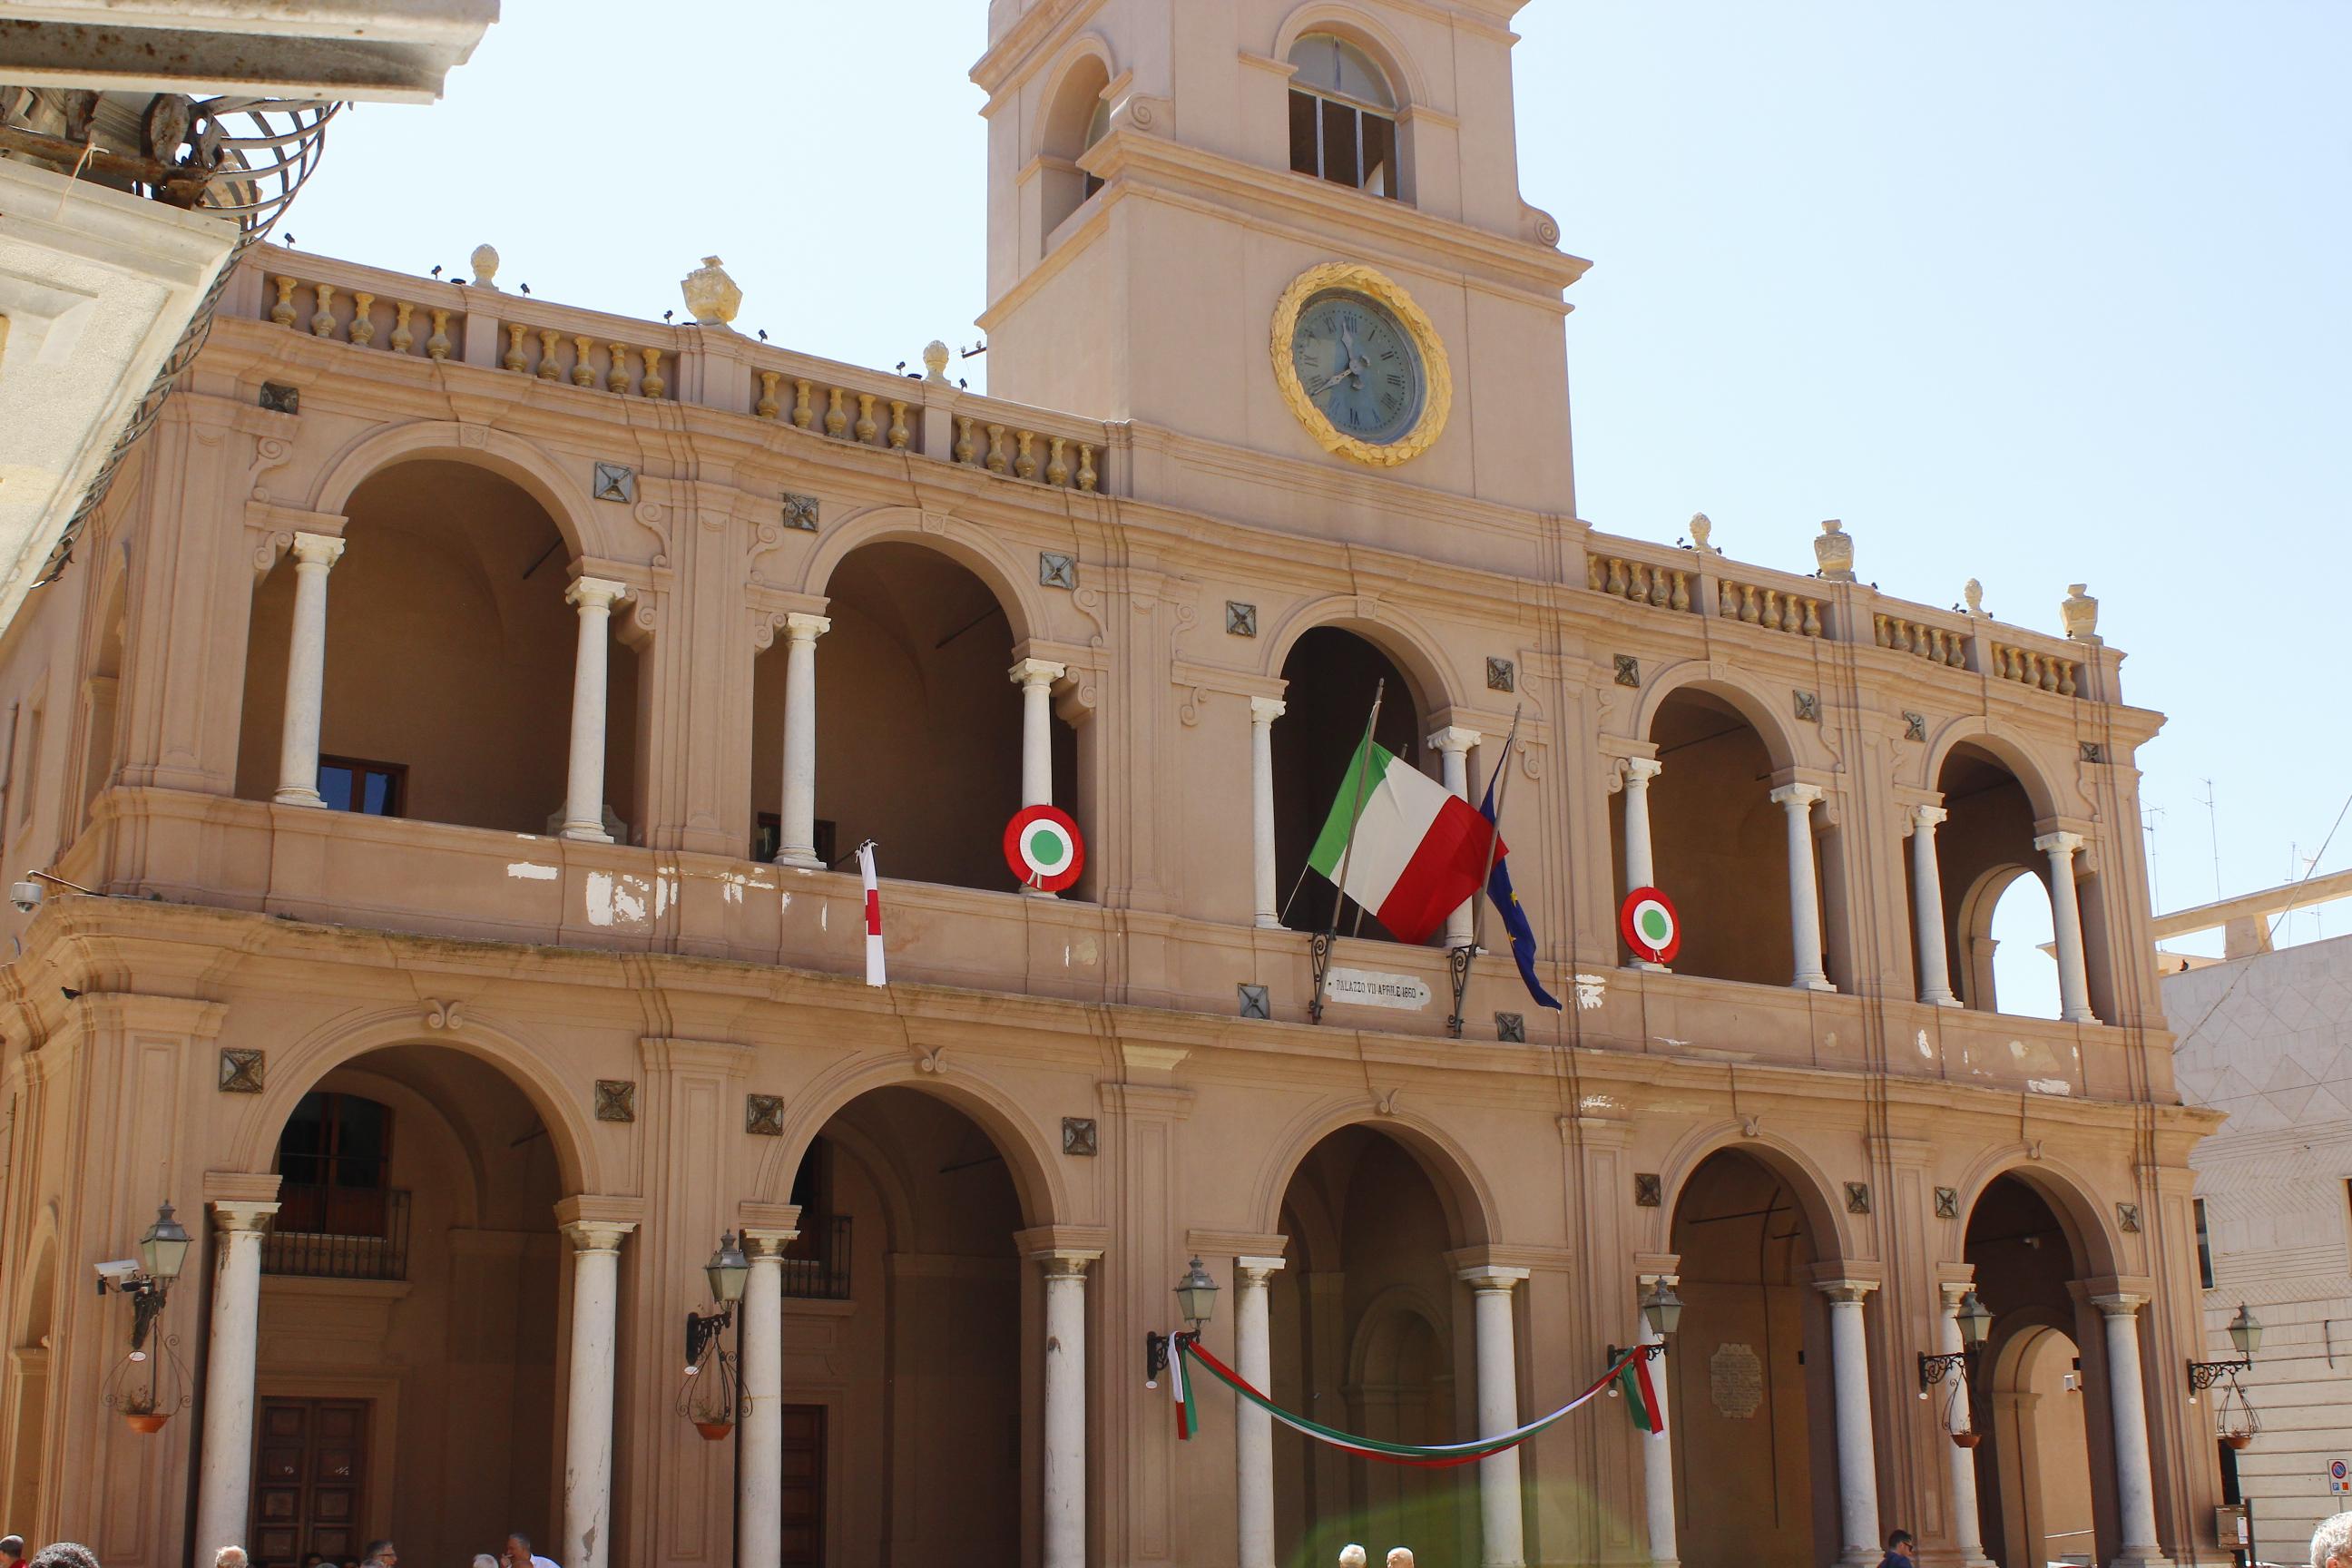 Convocazione Consiglio Comunale di Marsala per i giorni 9 e 11 marzo, alle ore 16,30